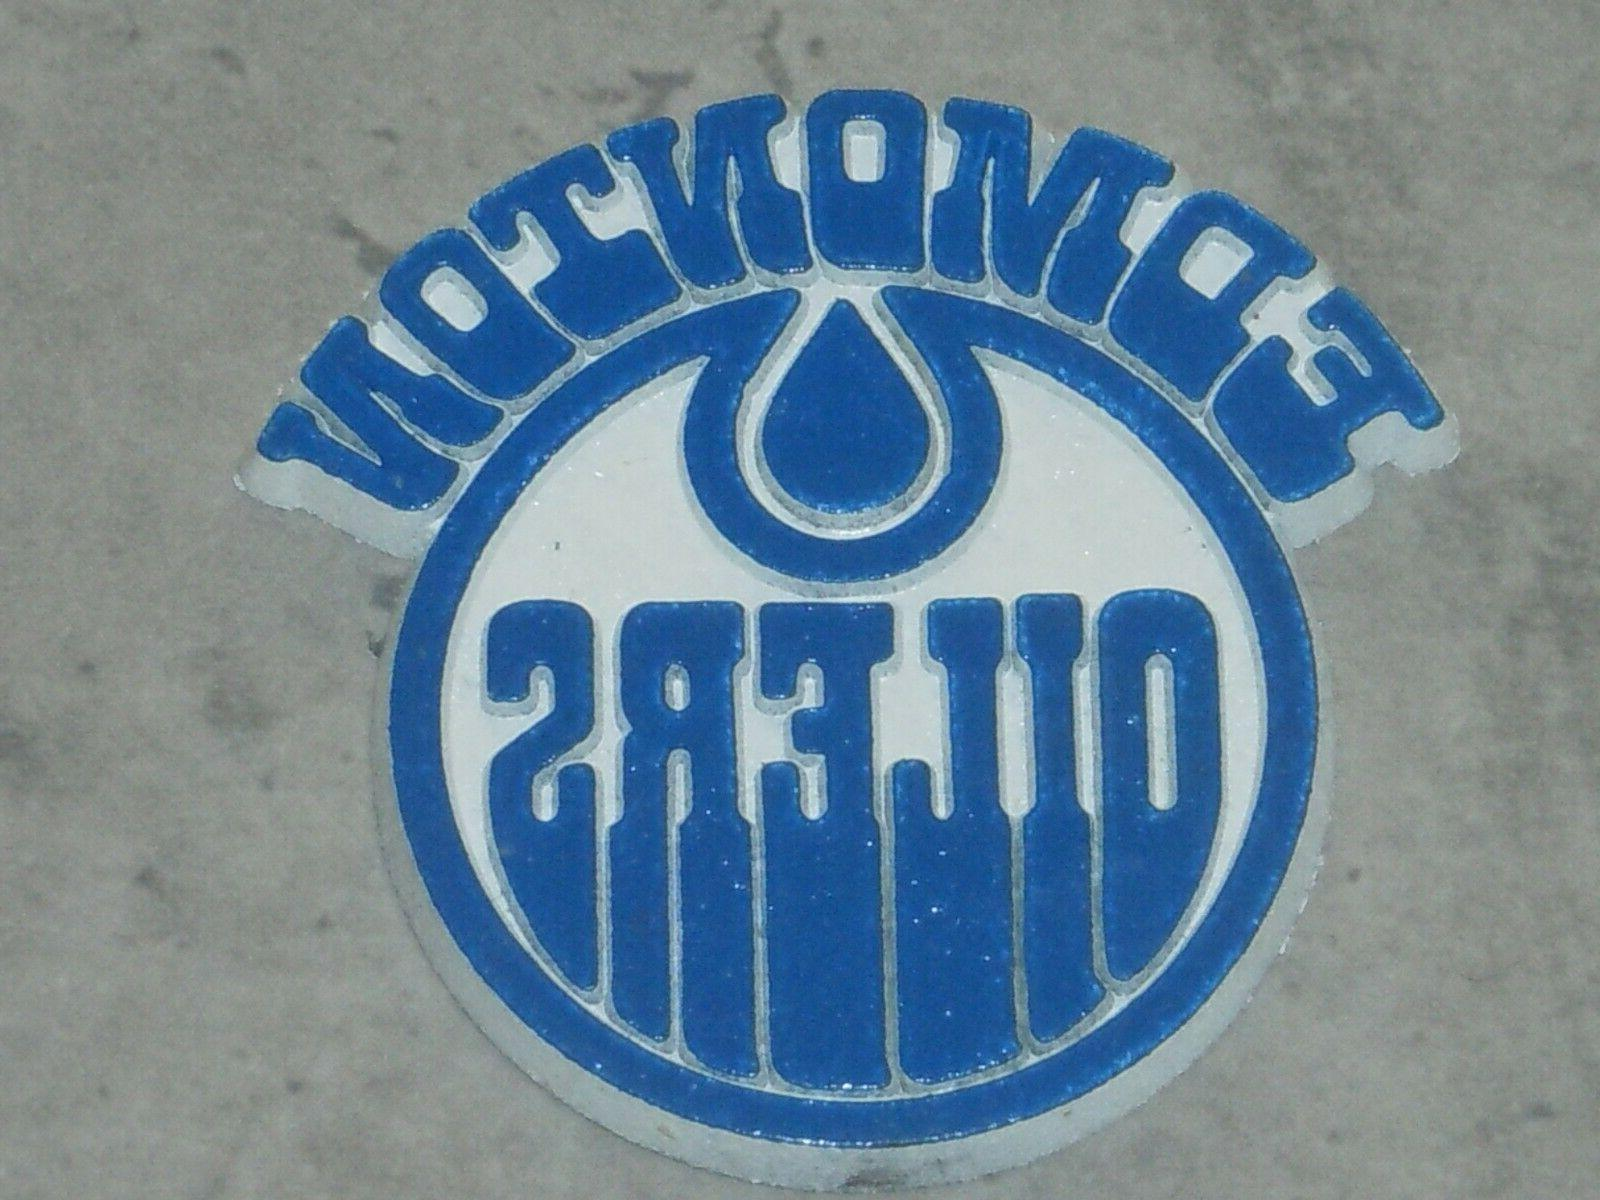 edmonton oilers vintage old blue nhl rubber